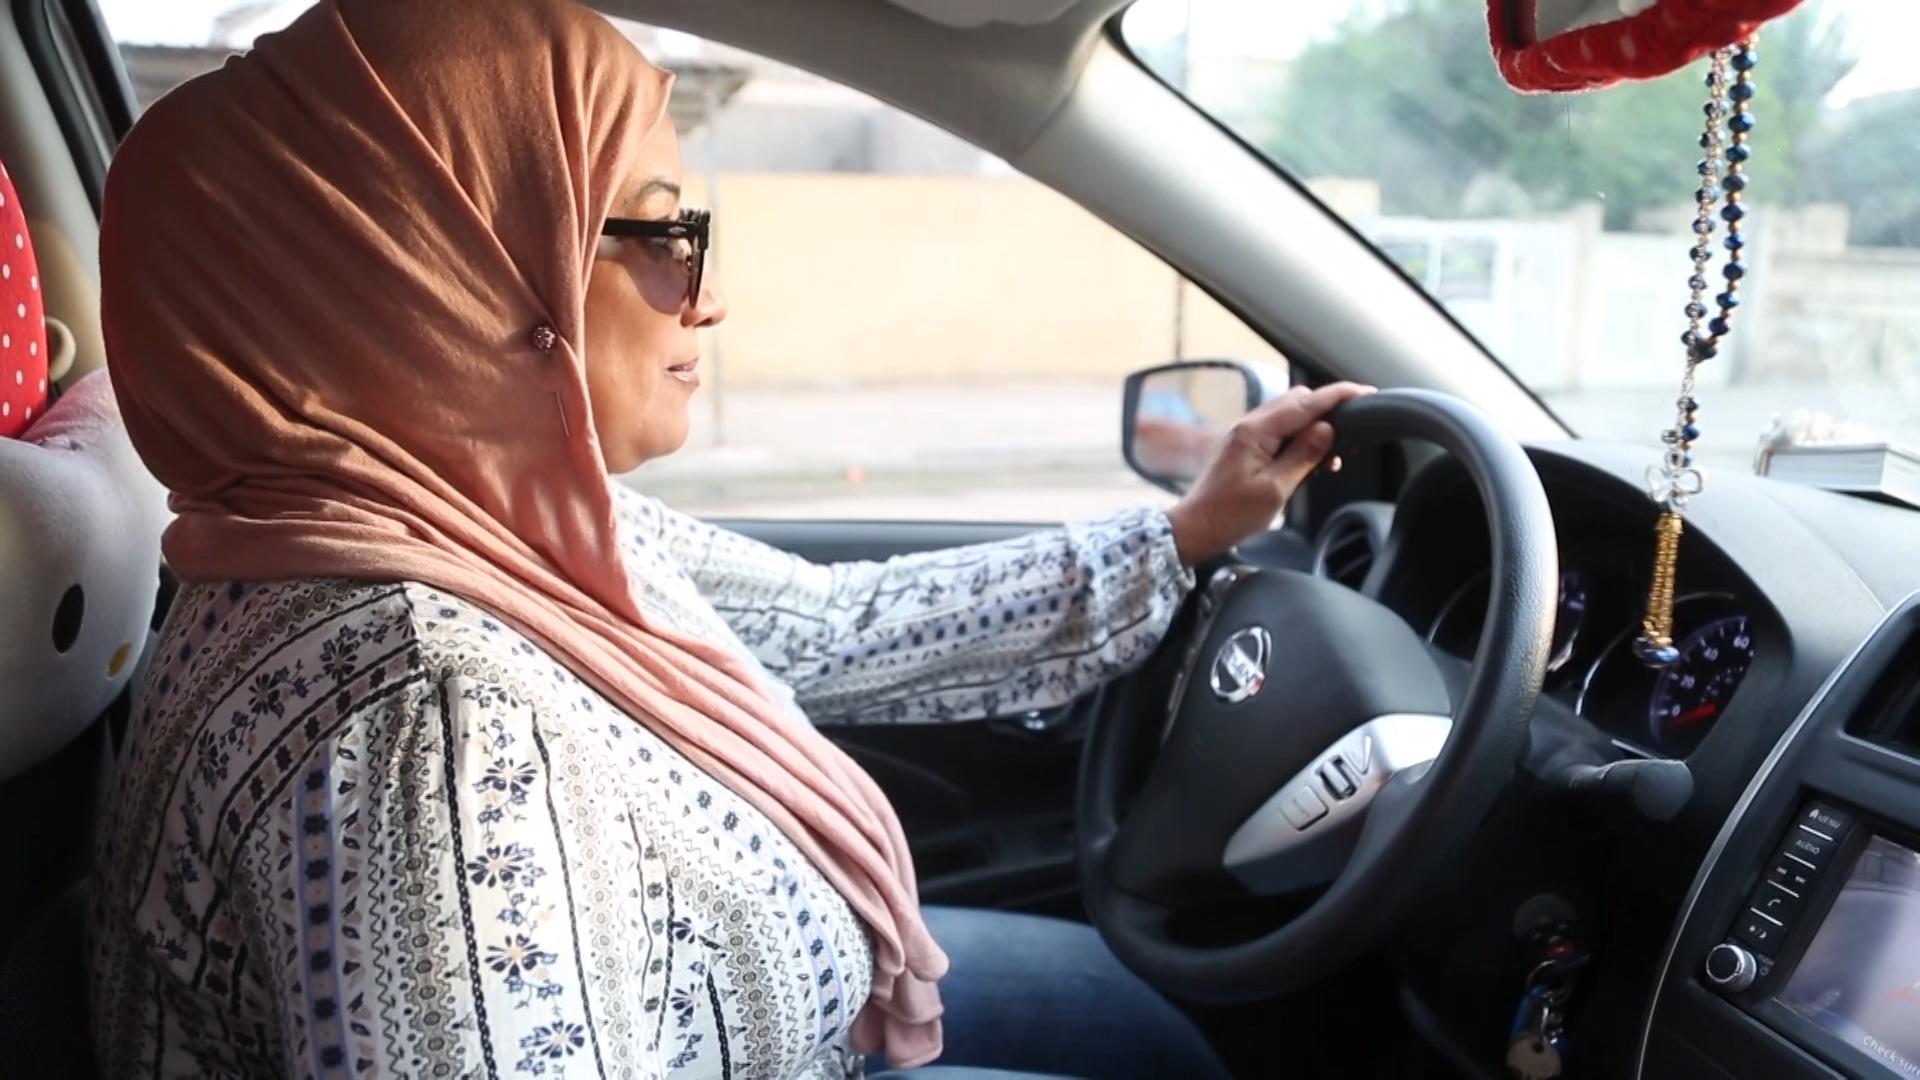 صورة اول سائقة تاكسي في االبصرة تقتحم عالم الرجال